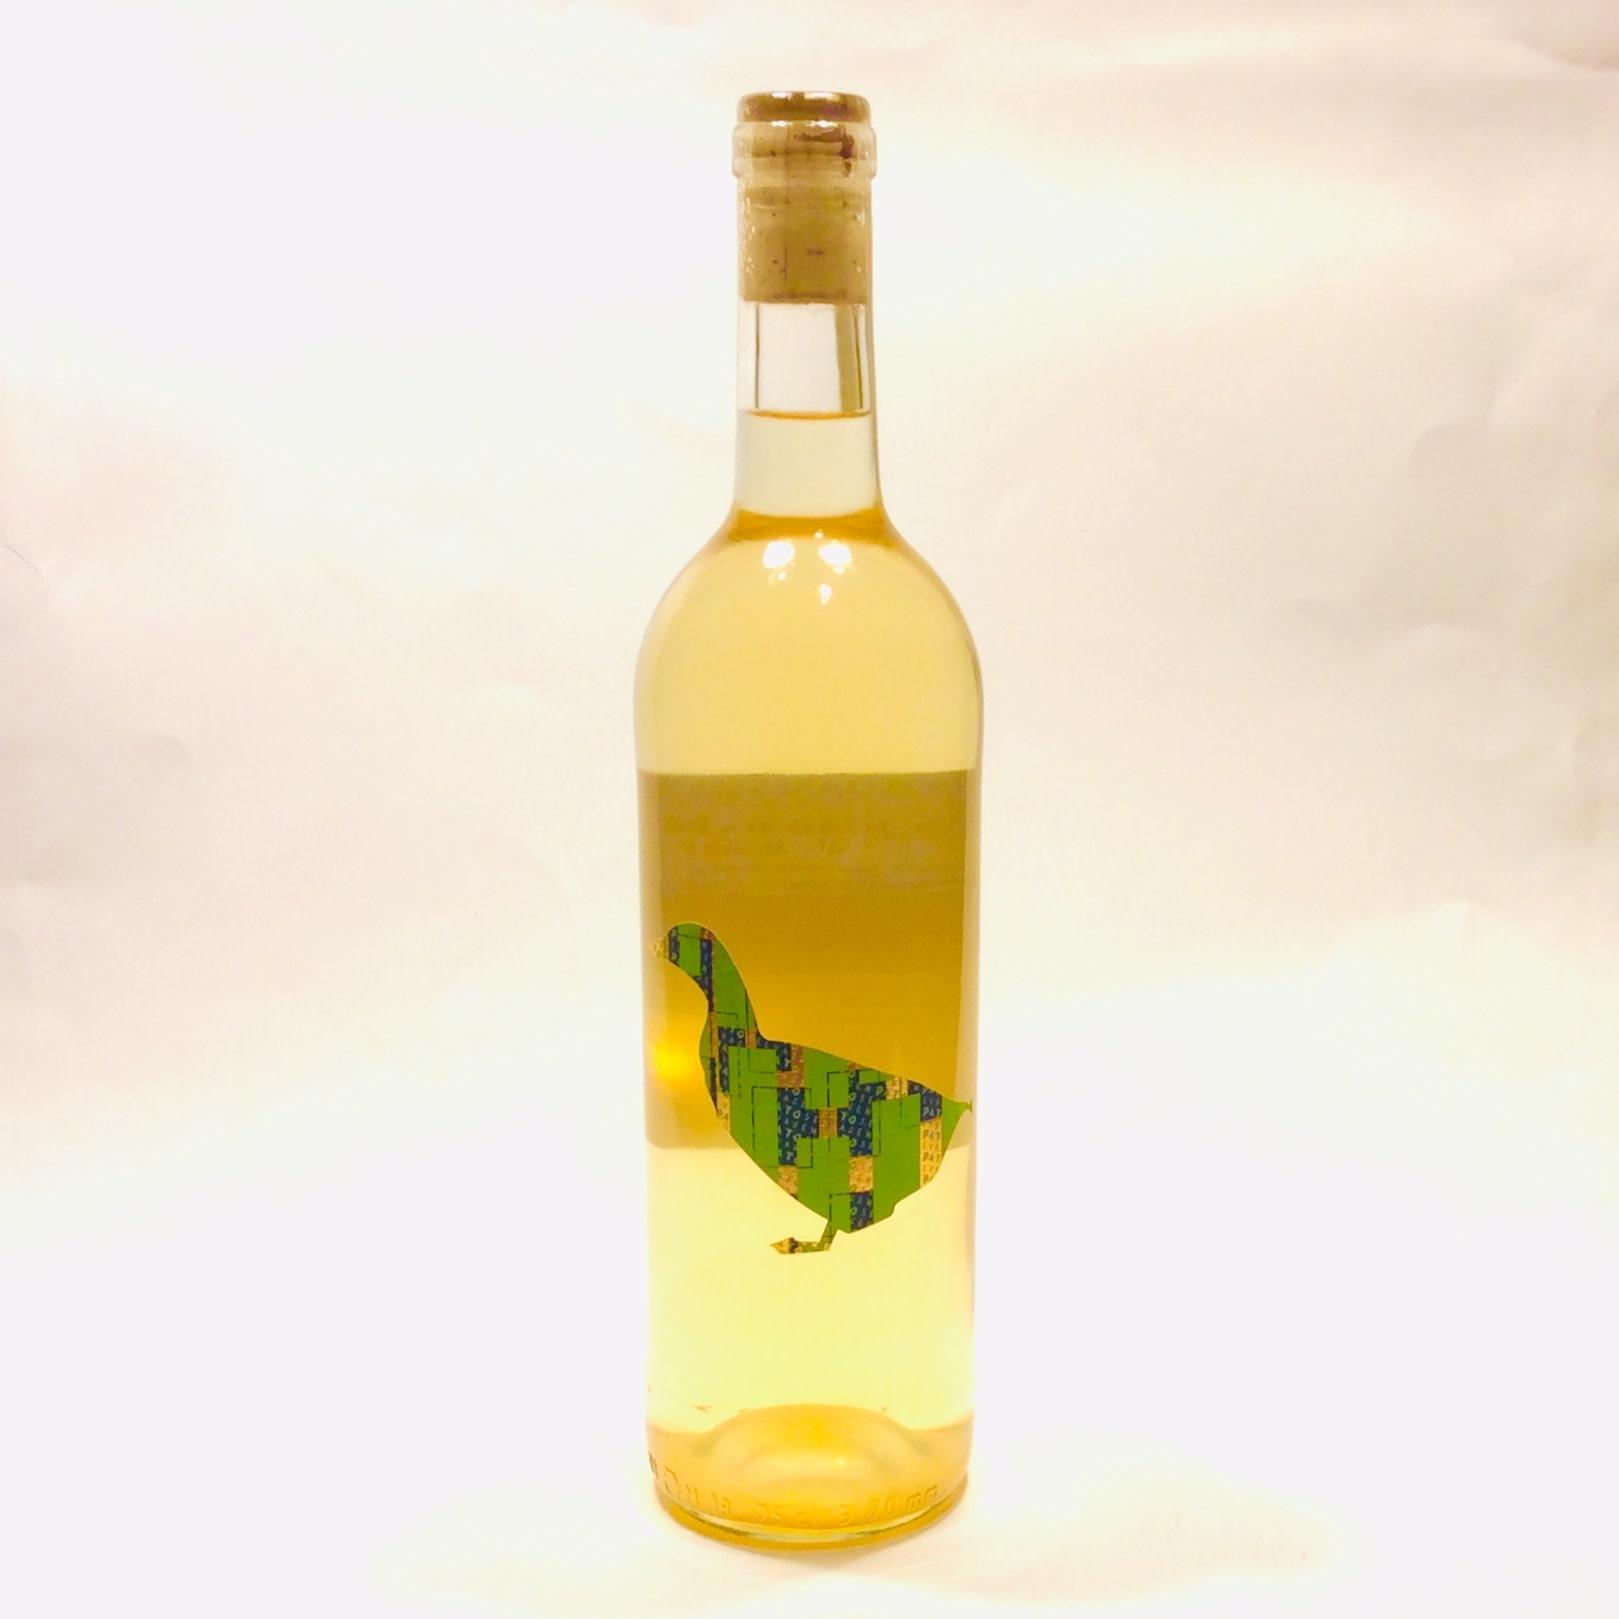 Duckman - Vinho Branco 2017 (750 ml)